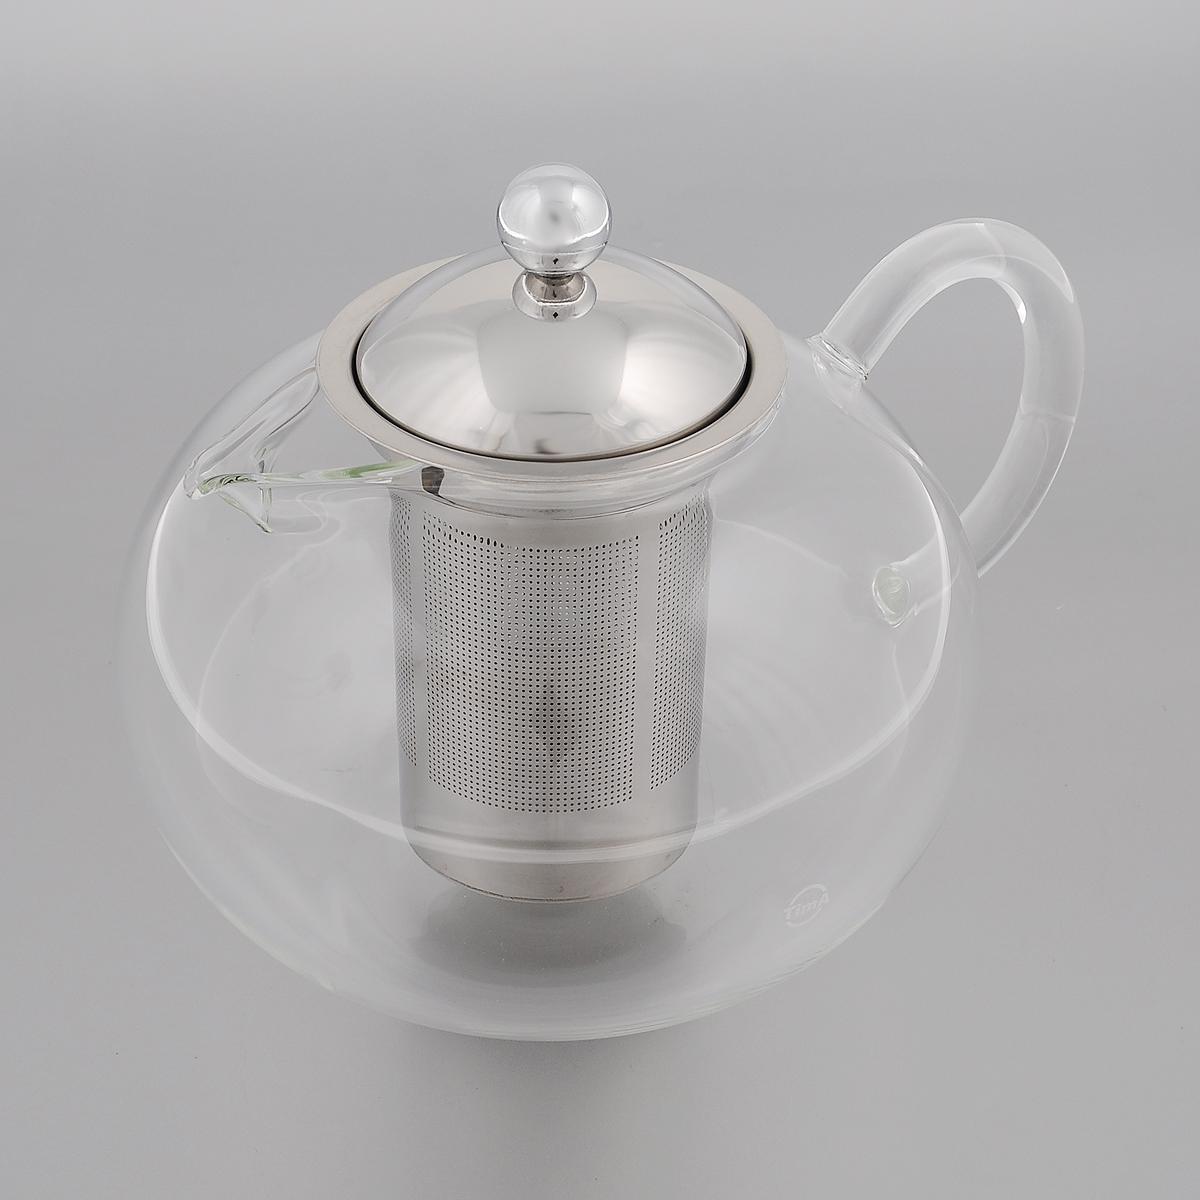 Чайник заварочный TimA Бергамот, 1,5 лTB-1500Заварочный чайник TimA Бергамот изготовлен из термостойкого боросиликатного стекла - прочного износостойкого материала. Чайник оснащен фильтром и крышкой из нержавеющей стали.Простой и удобный чайник поможет вам приготовить крепкий, ароматный чай. Дизайн изделия создает гипнотическую атмосферу через сочетание полупрозрачного цвета и хромированных элементов. Можно мыть в посудомоечной машине. Не использовать в микроволновой печи.Диаметр (по верхнему краю): 7,5 см.Высота (без учета крышки): 10,5 см.Высота фильтра: 10 см.